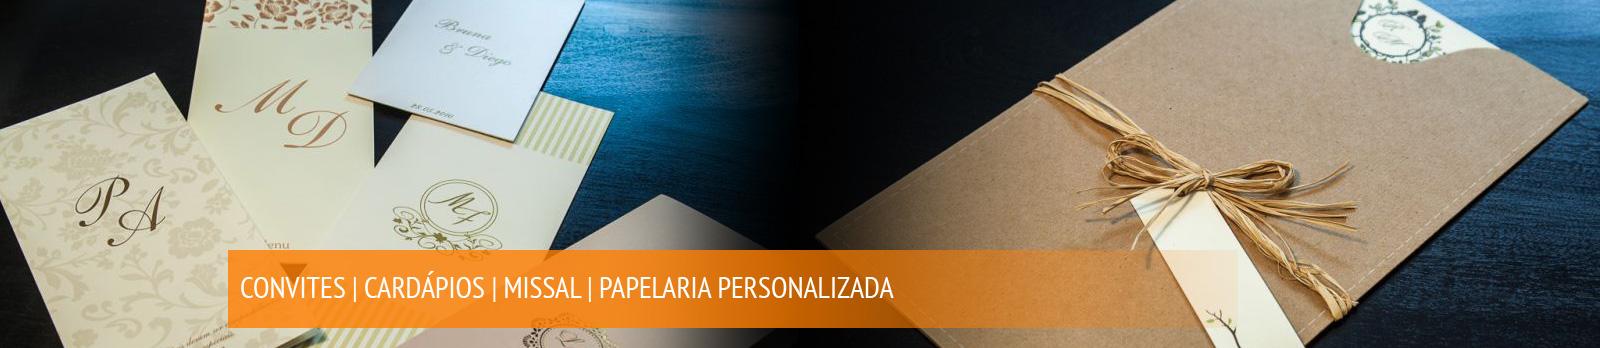 http://raphaelografica.com.br/detalhes.php?convites-de-casamento&id_produto=8561